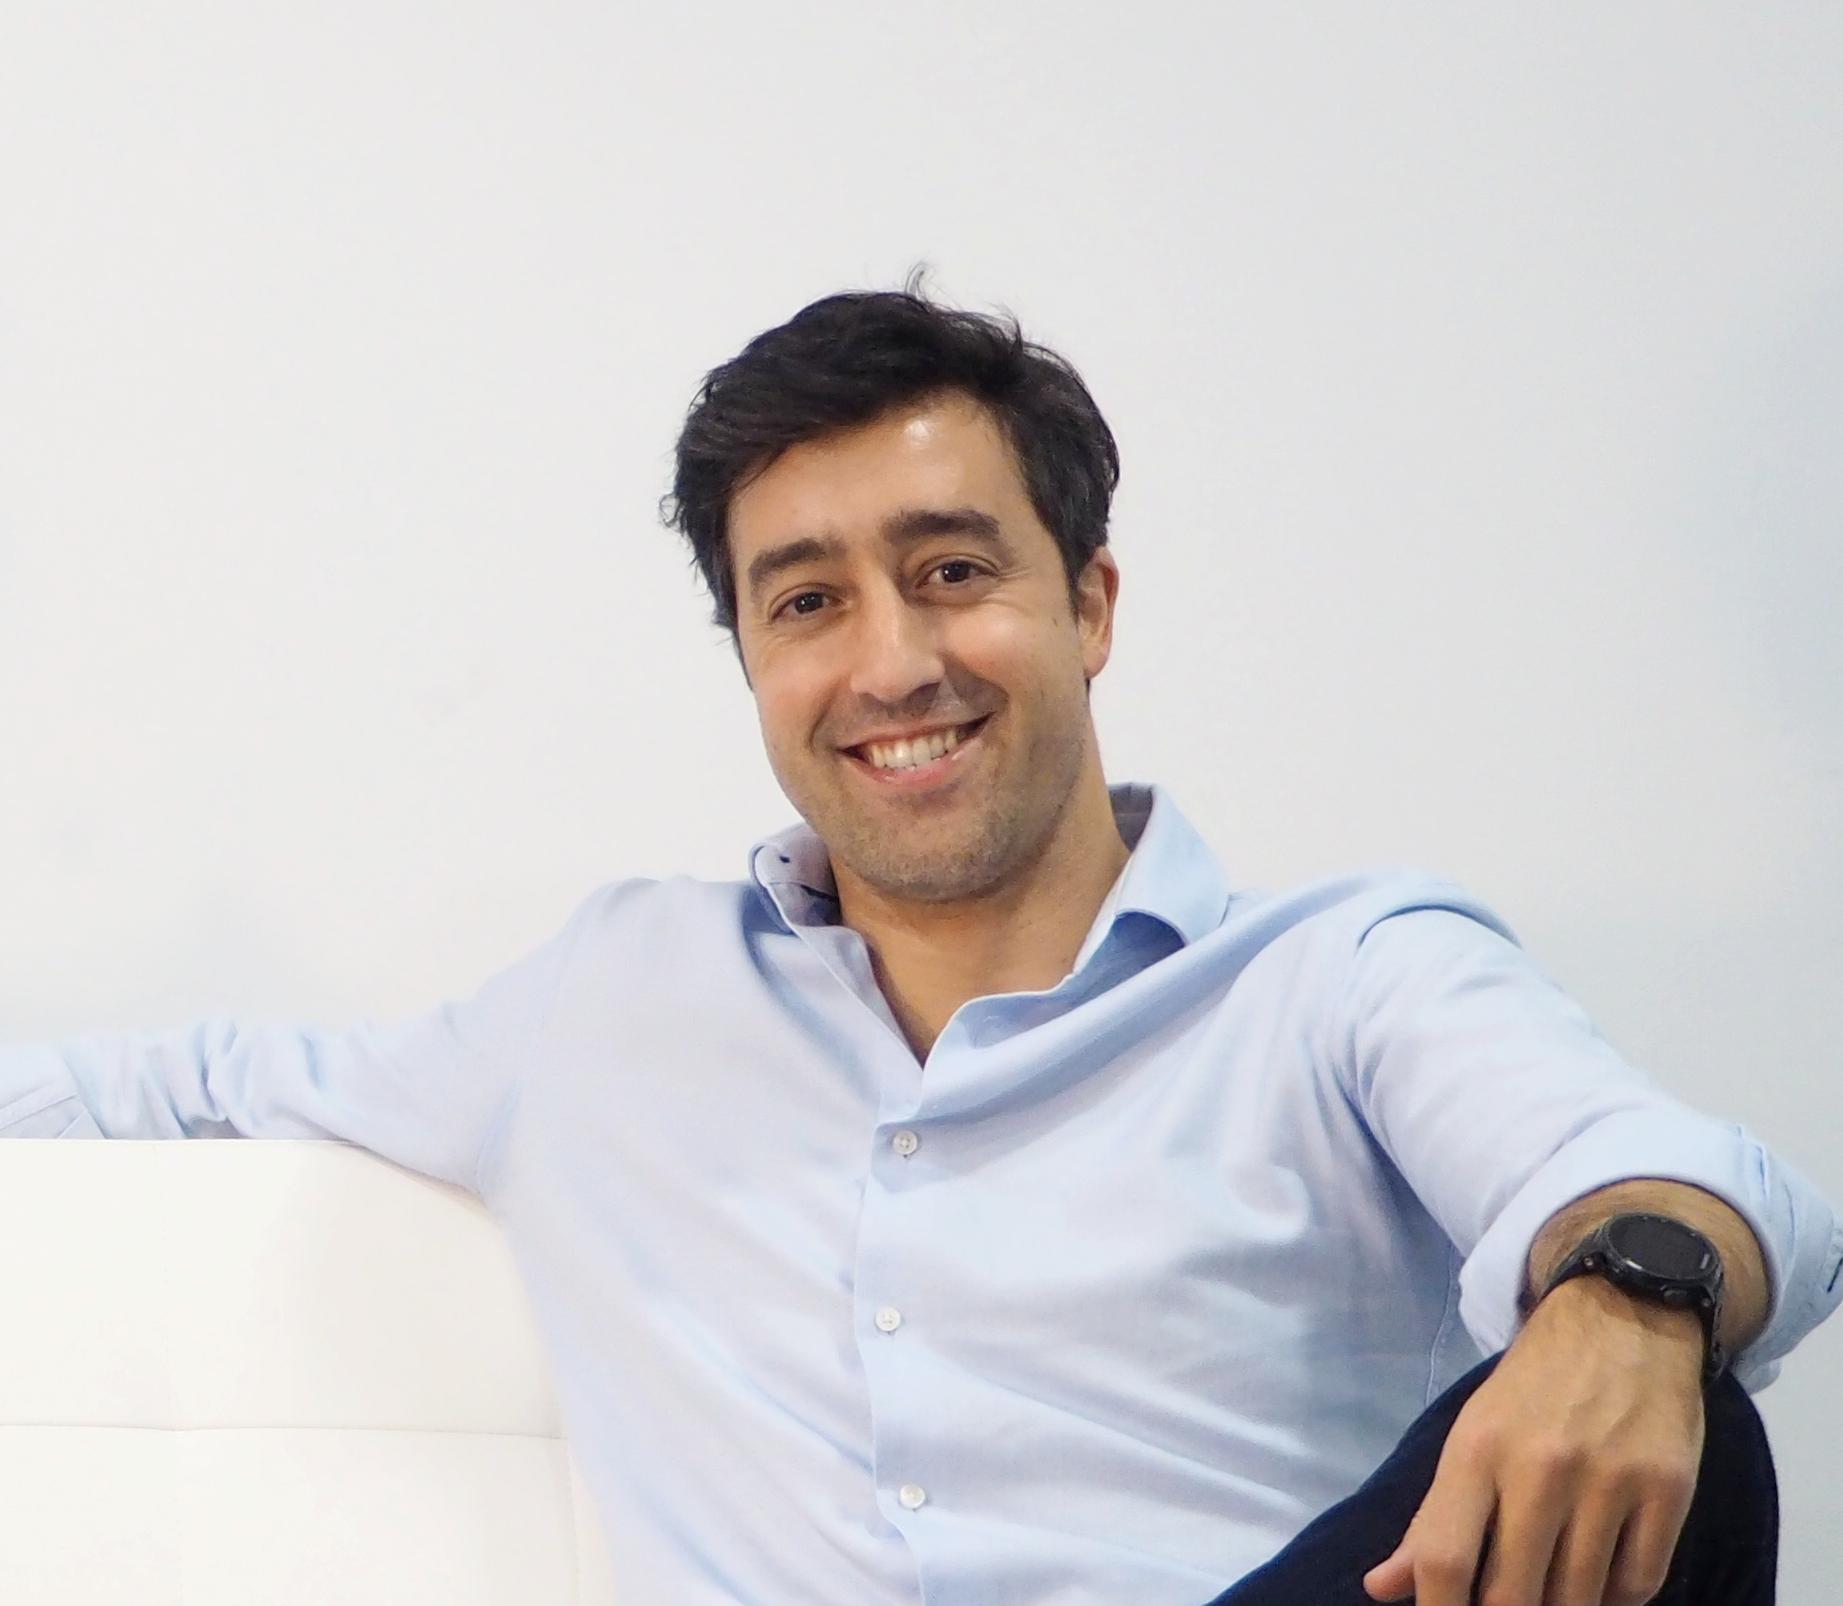 Brunco Cuevas Mediquo Startup